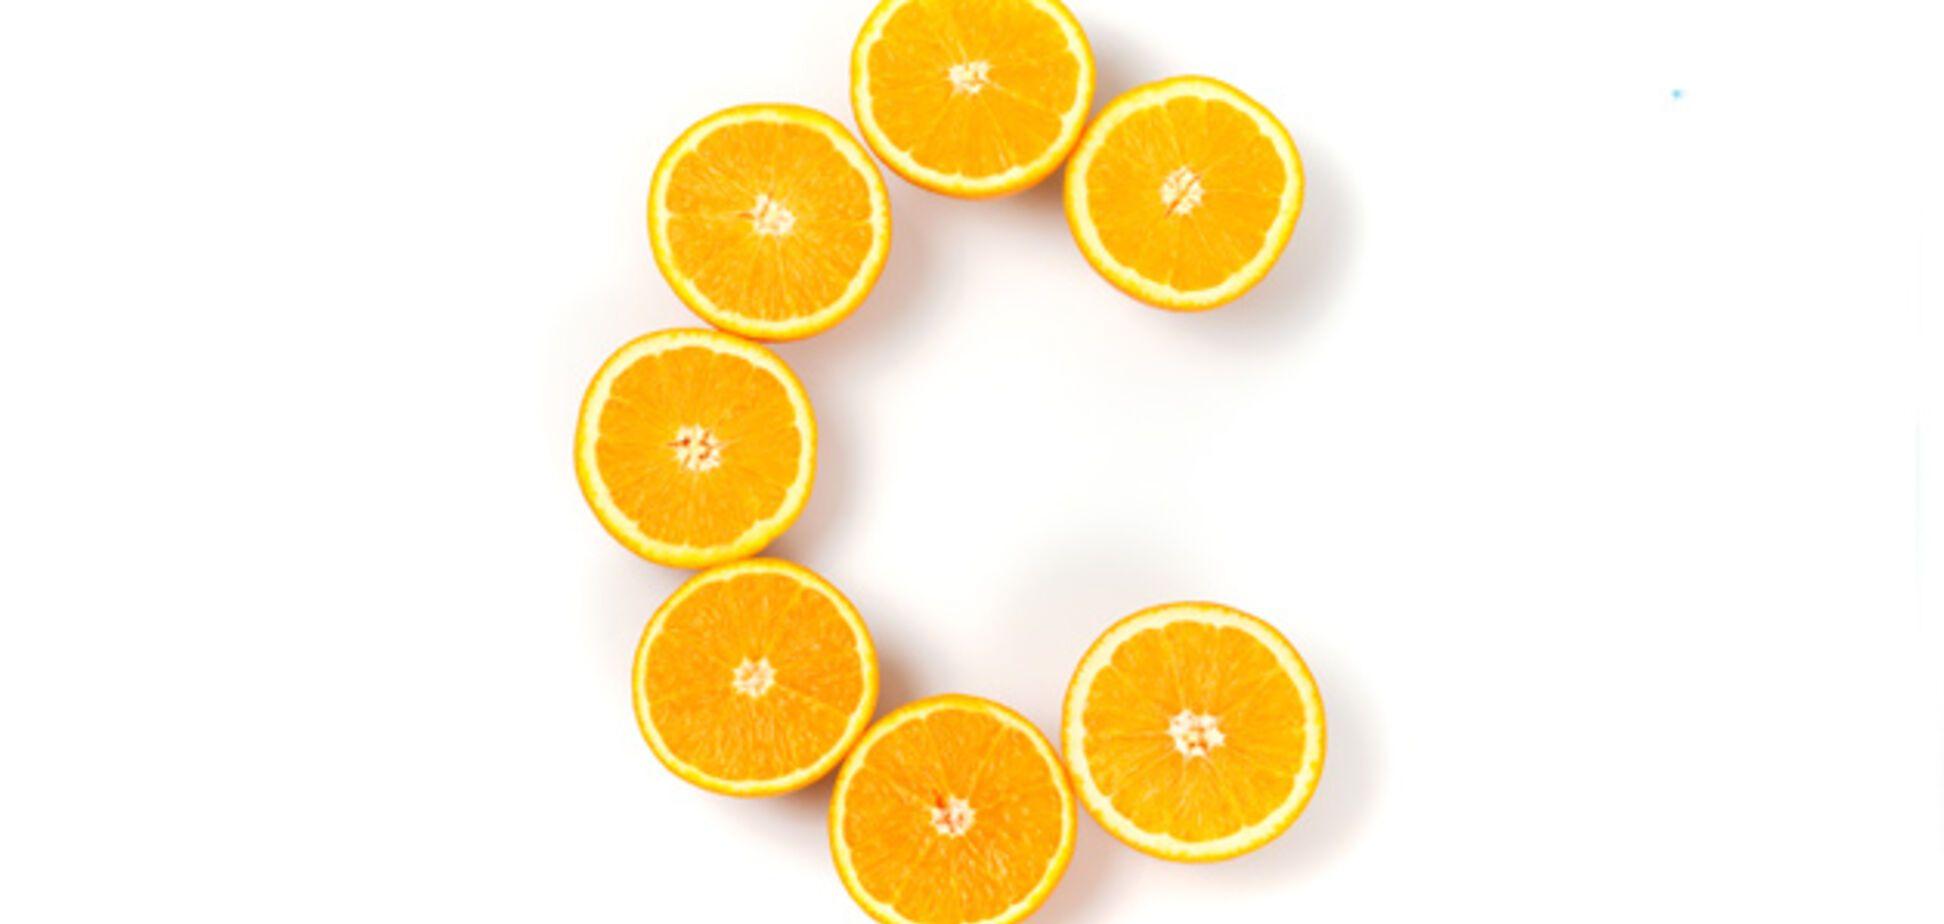 Які продукти містять найбільше вітаміну С